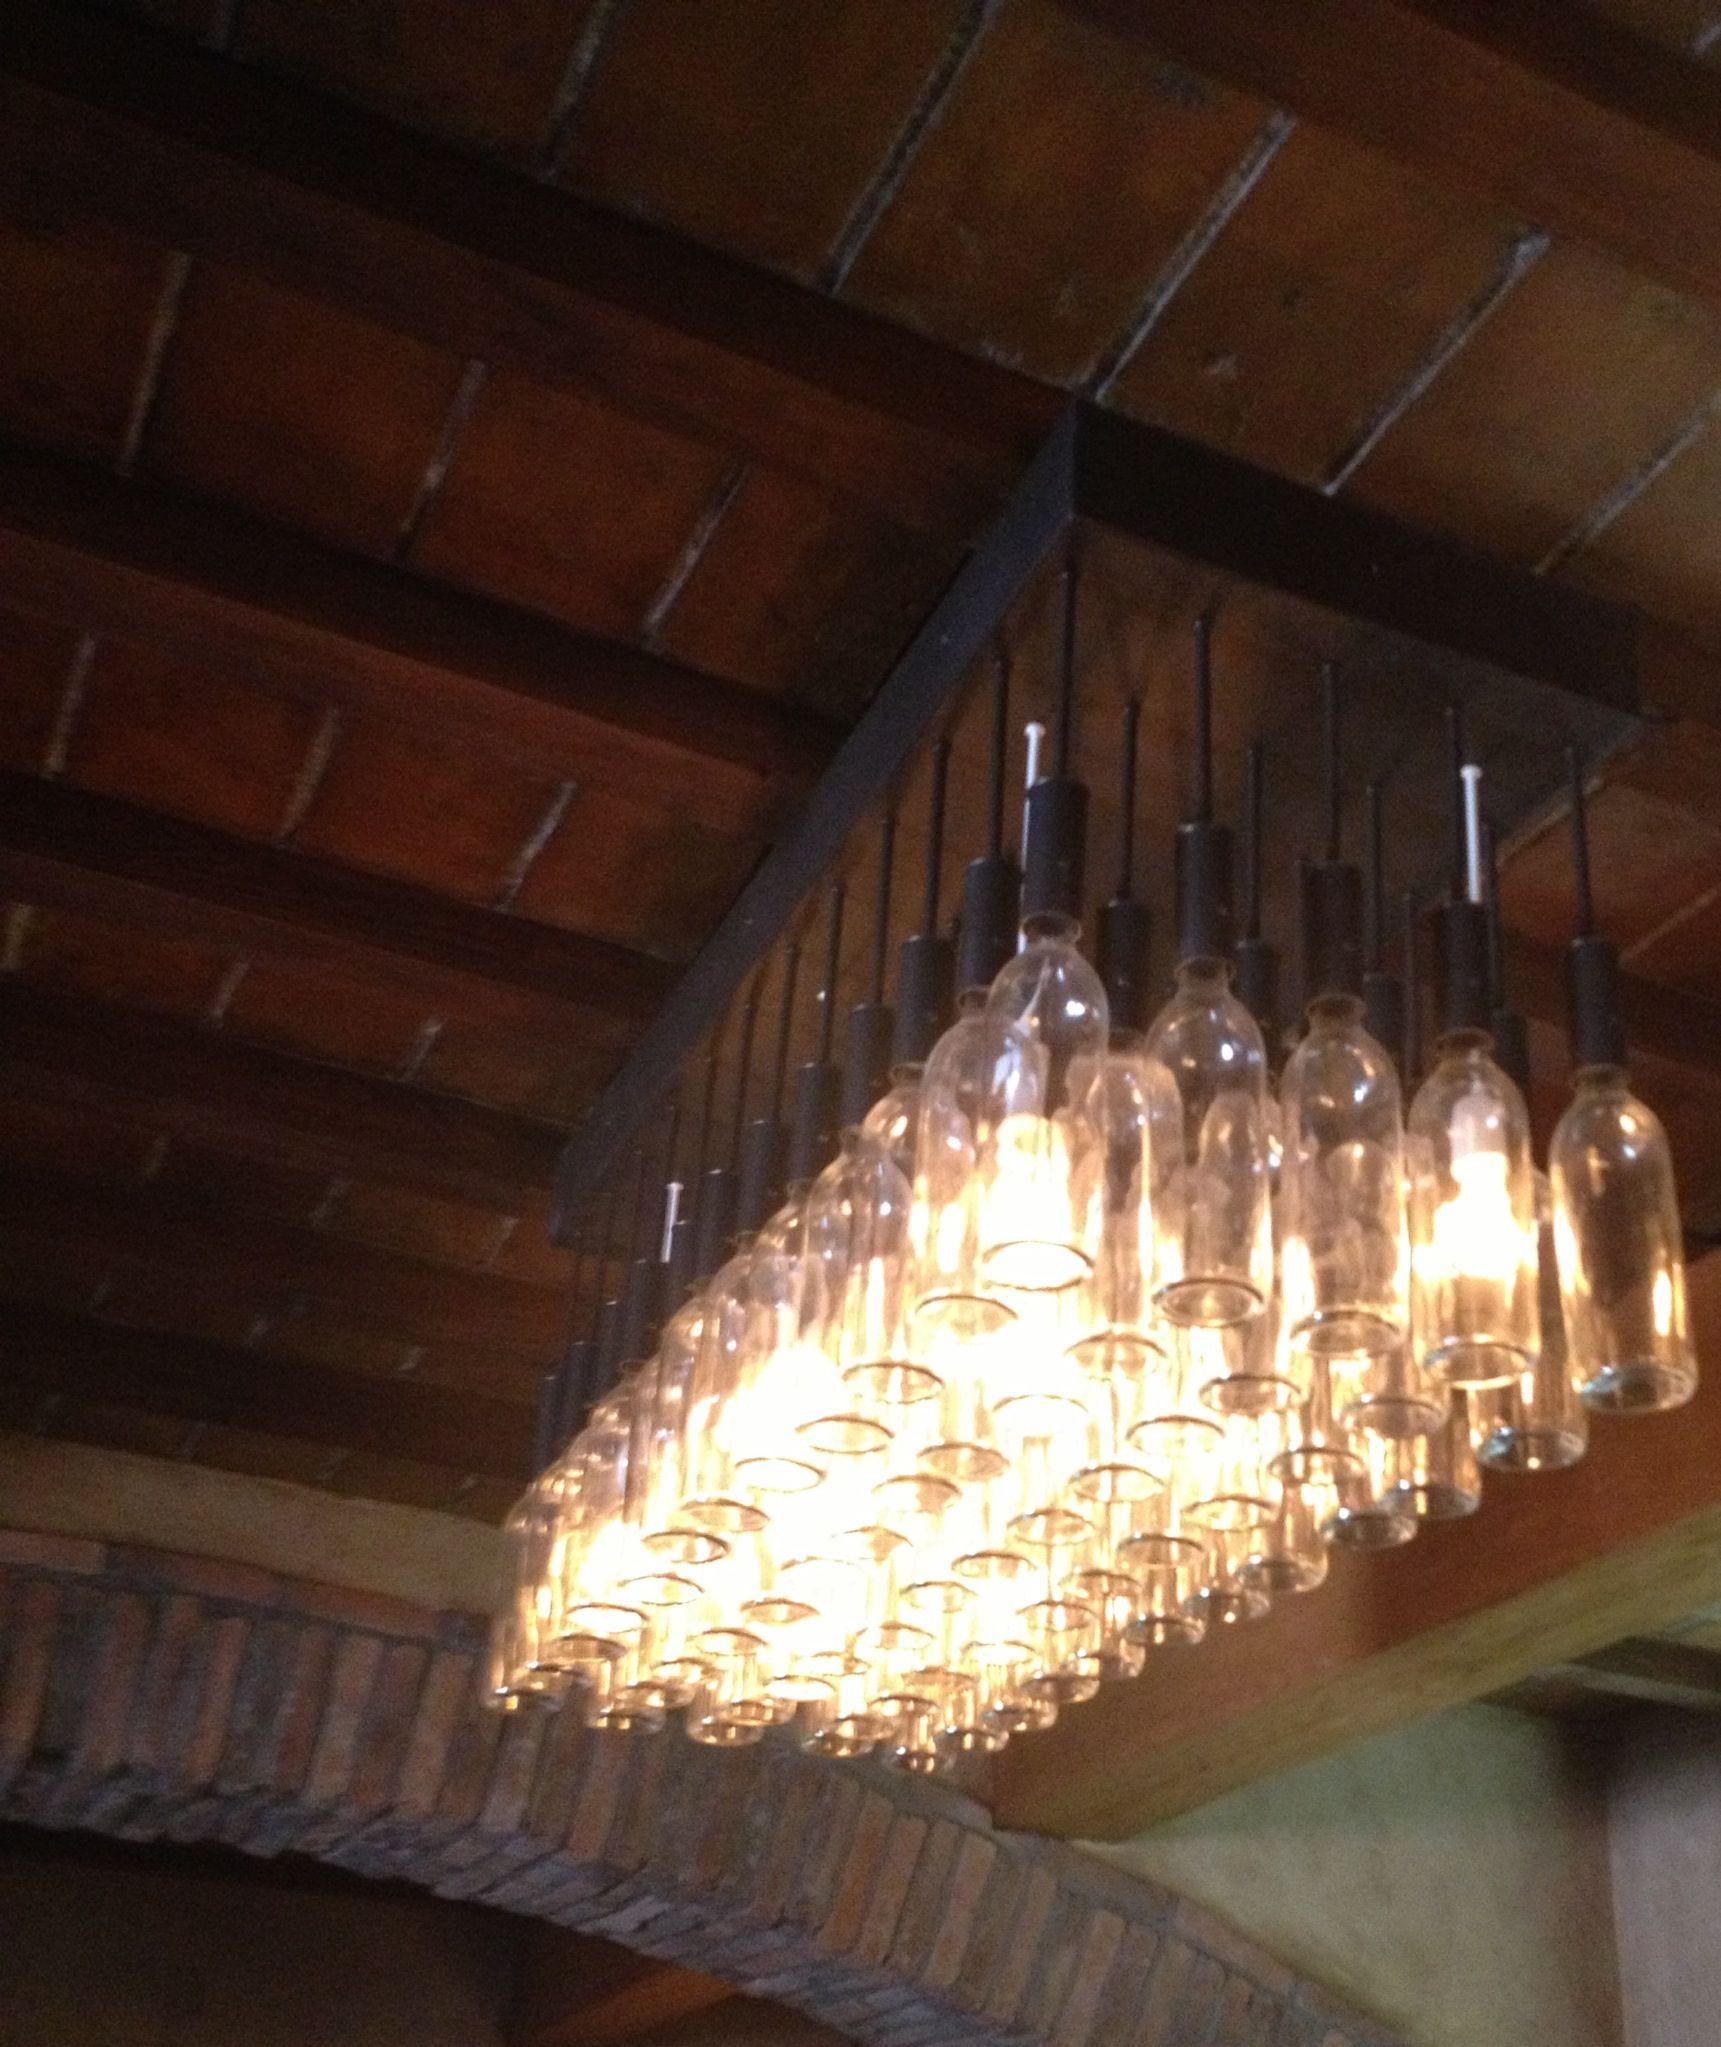 luminaires id es d coration avec accessoires vin cave vin accessoire vin et luminaire. Black Bedroom Furniture Sets. Home Design Ideas